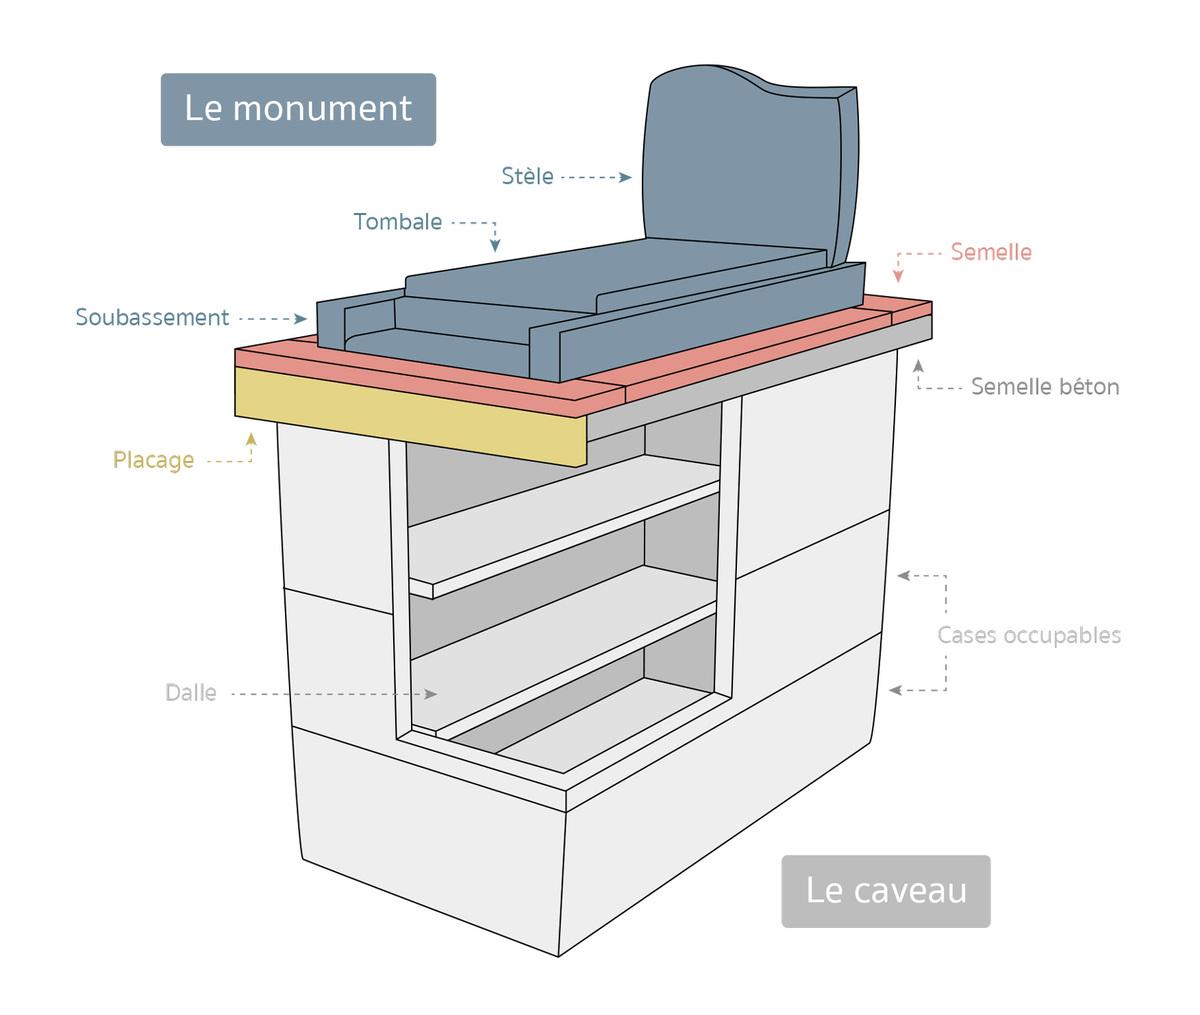 Les différentes parties d'un monument funéraire